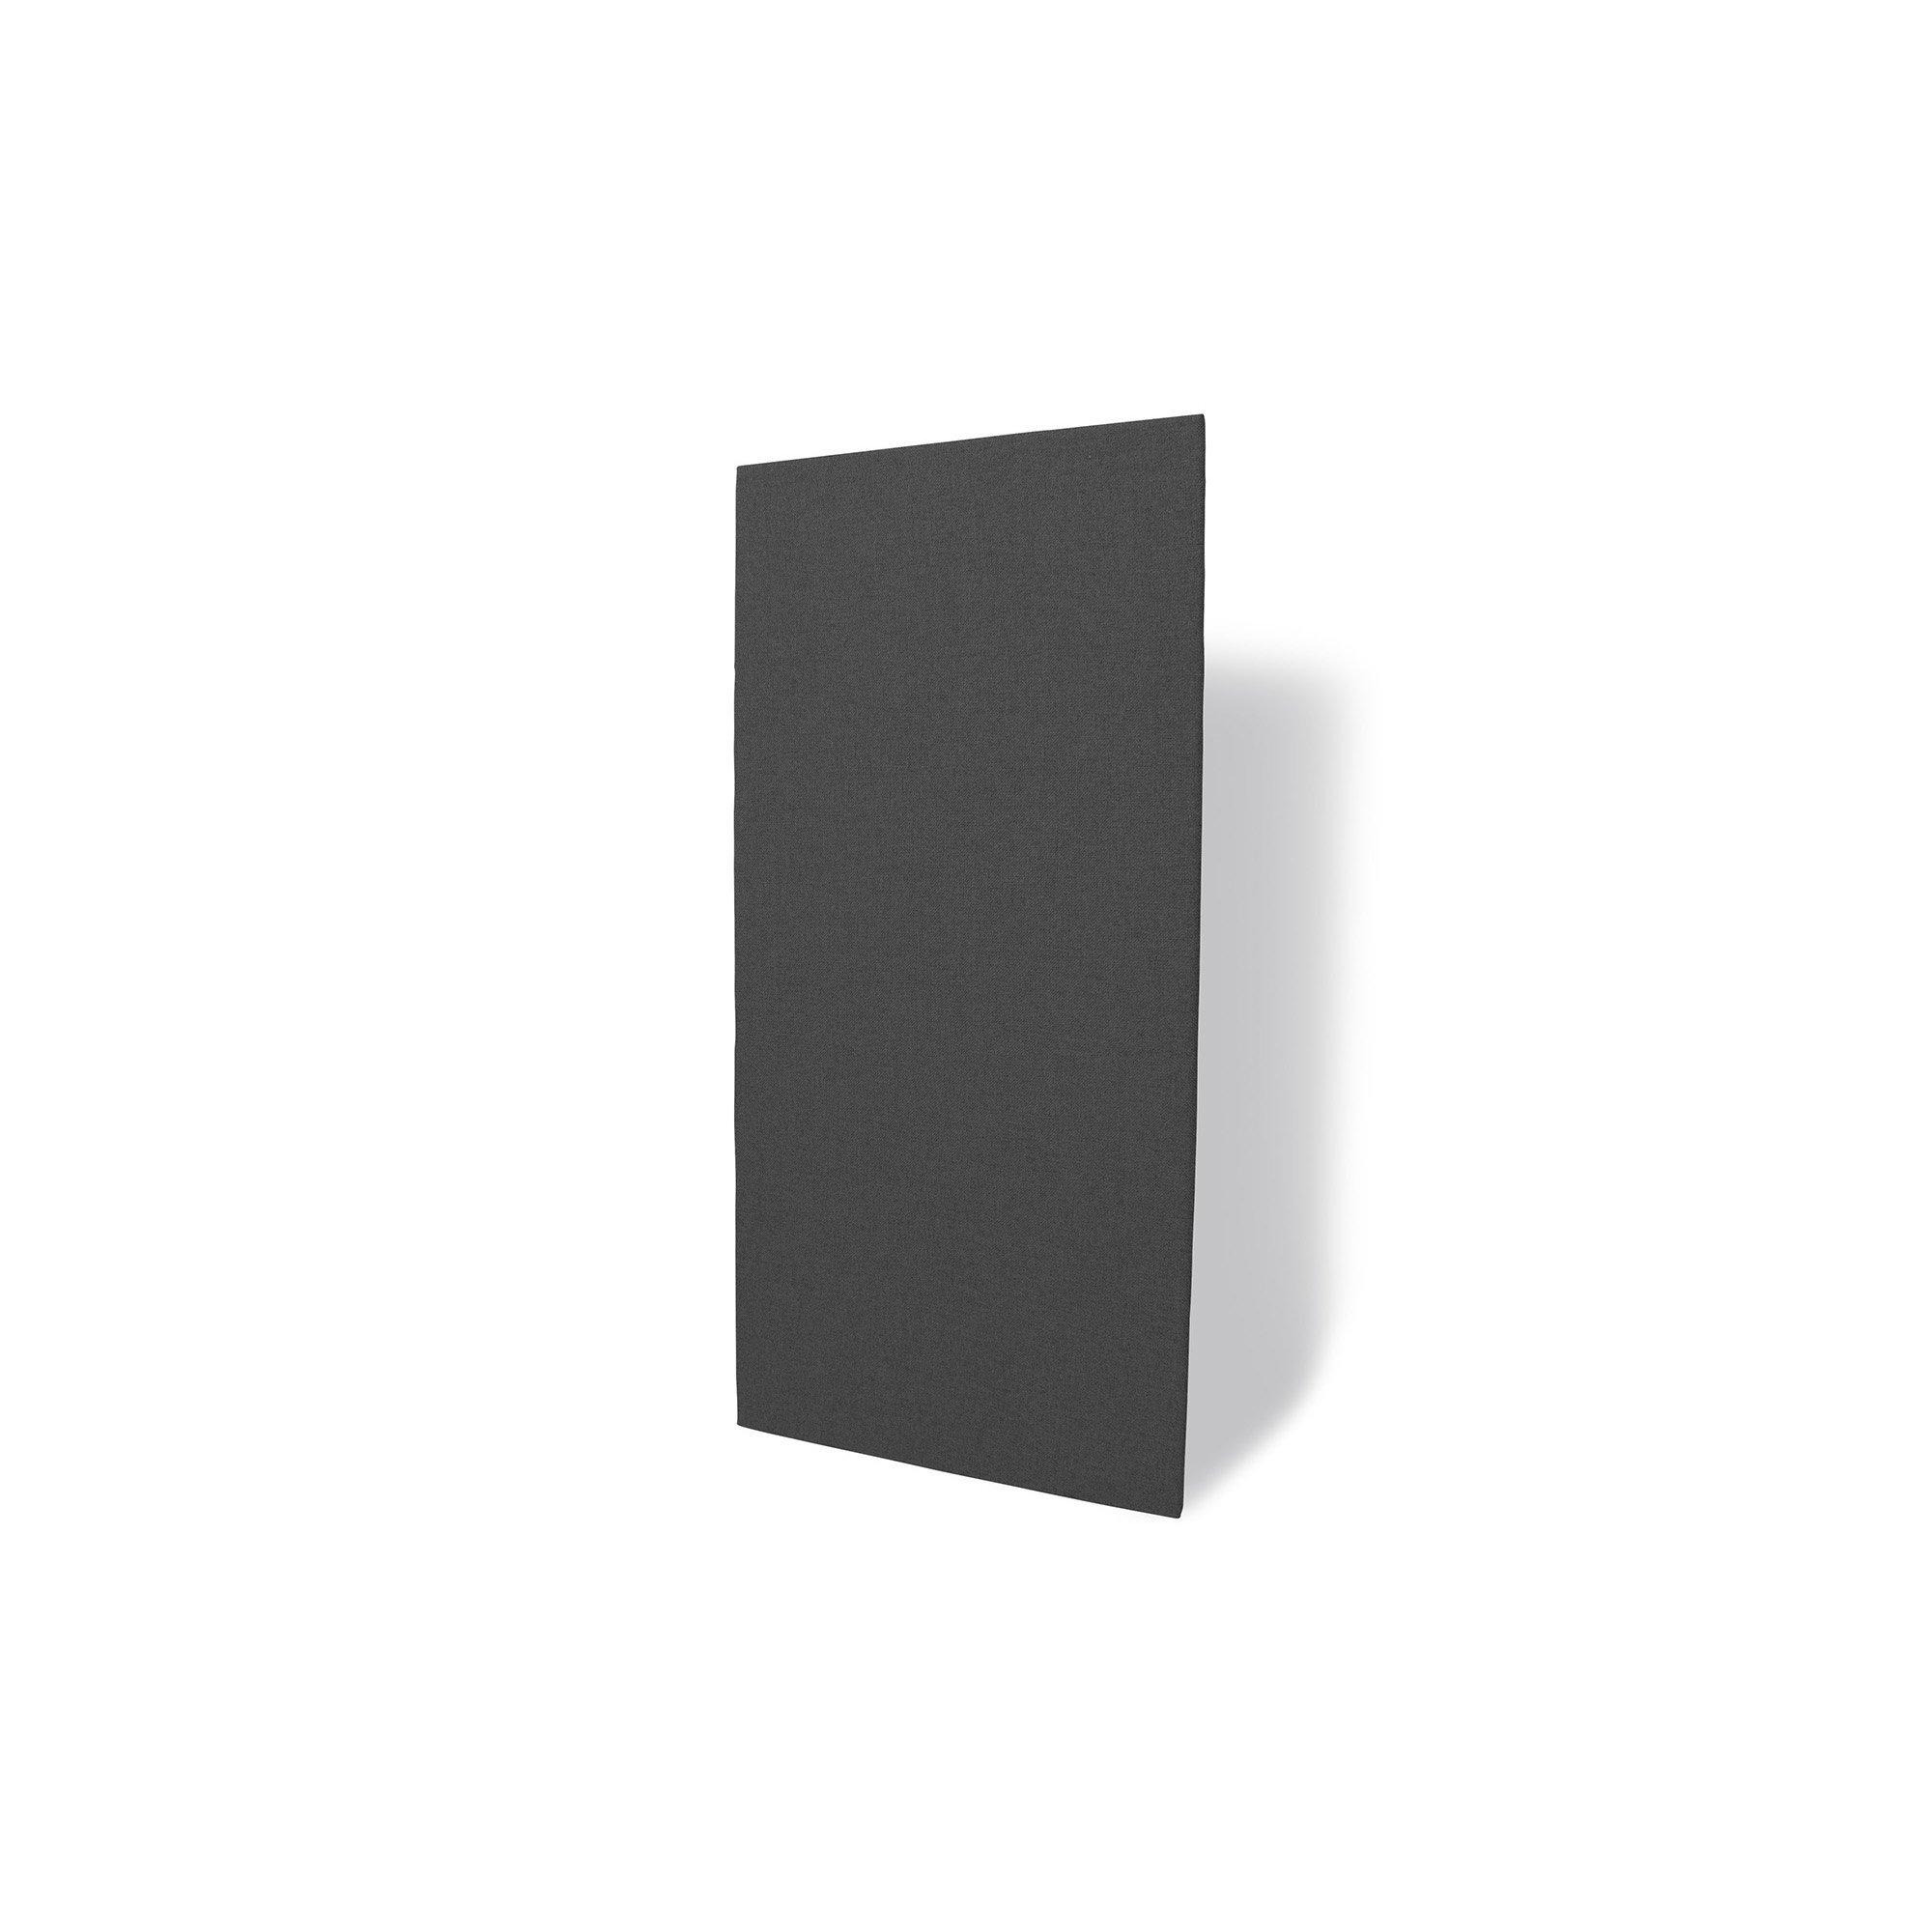 EQ Acoustics L10 Corner Trap Ηχοαποροφητική Μπασοπαγίδα Γωνίας 10cm